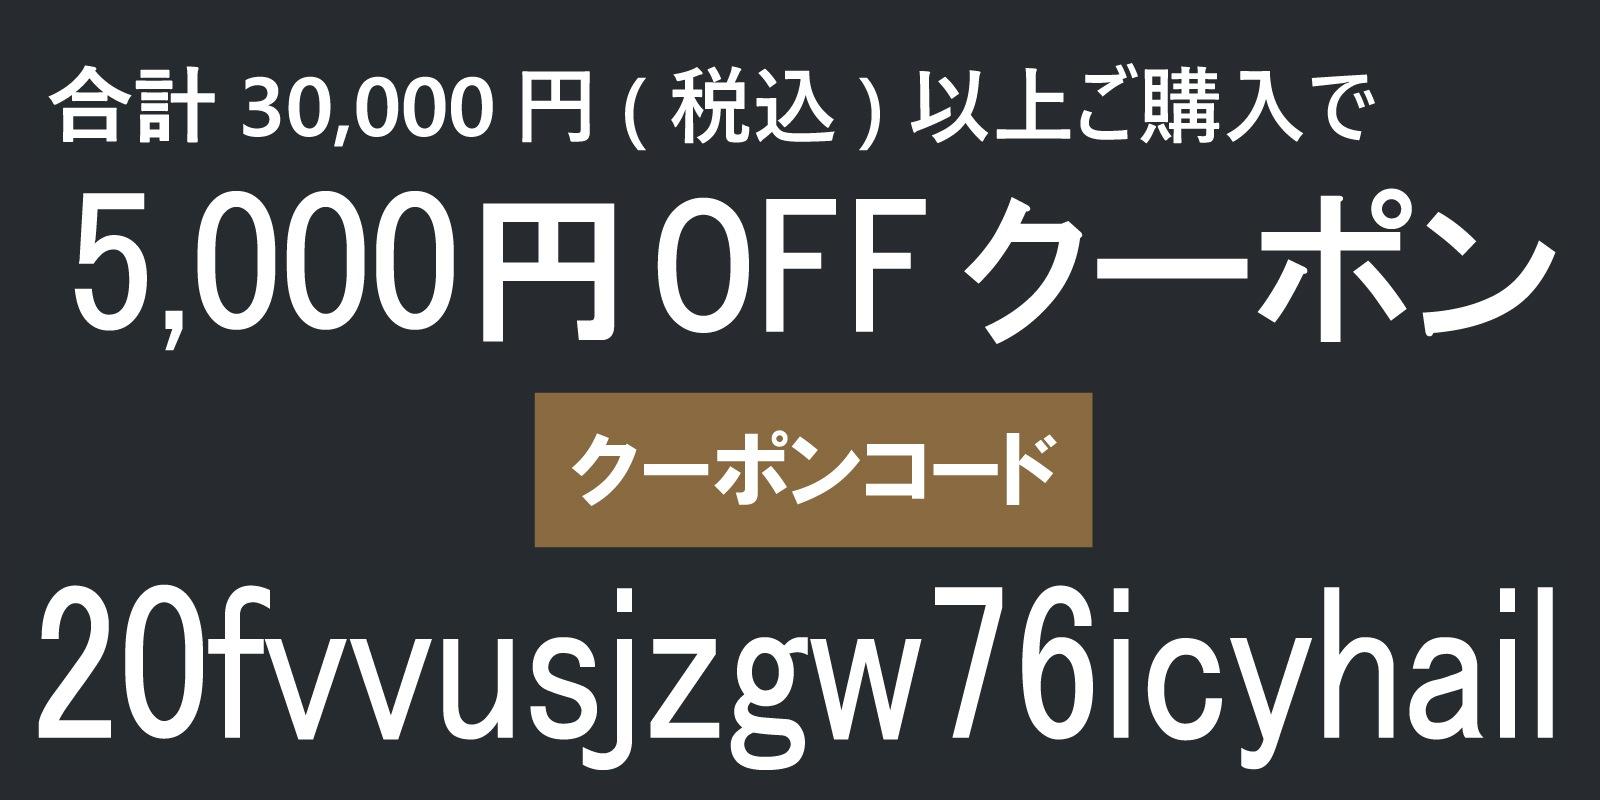 ★3万円以上お買い物に、今すぐクーポンご利用頂けます★【20fvvusjzgw76icyhail】